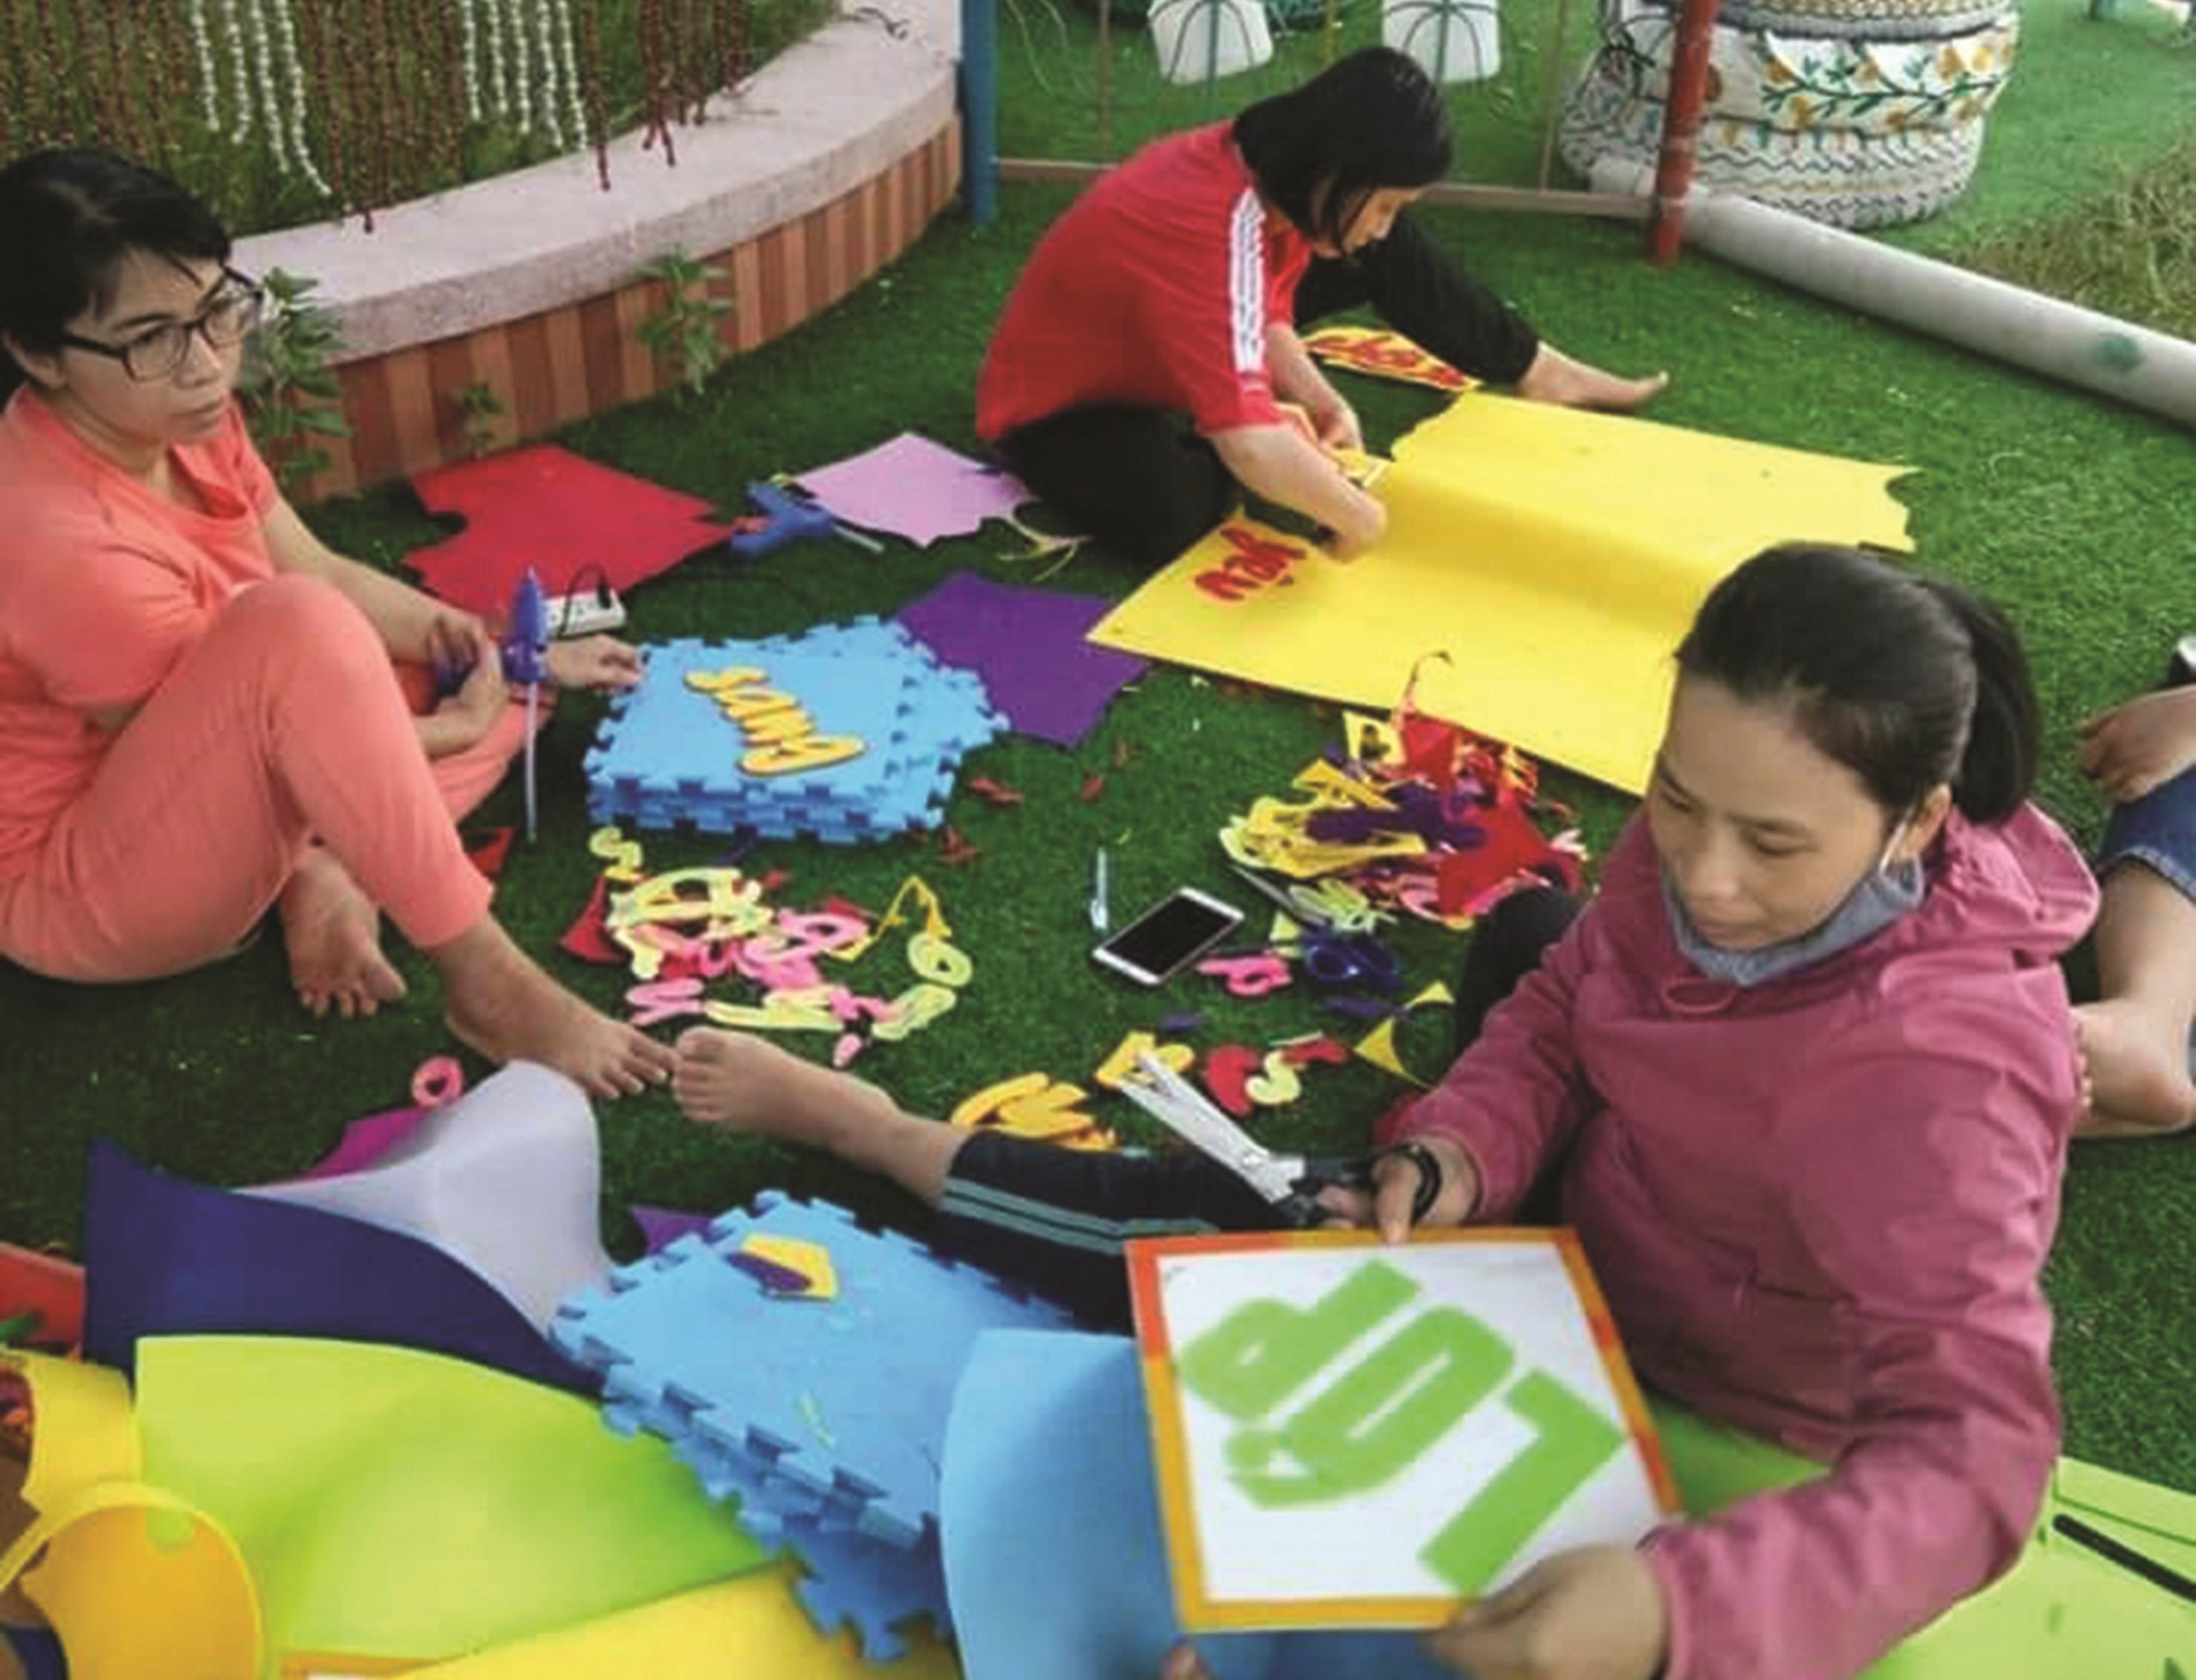 Các cô giáo Trường Mầm non Canh Vinh, huyện Vân Canh (Bình Định) đang cắt dán hình vẽ, con chữ để trang trí cho các góc chơi